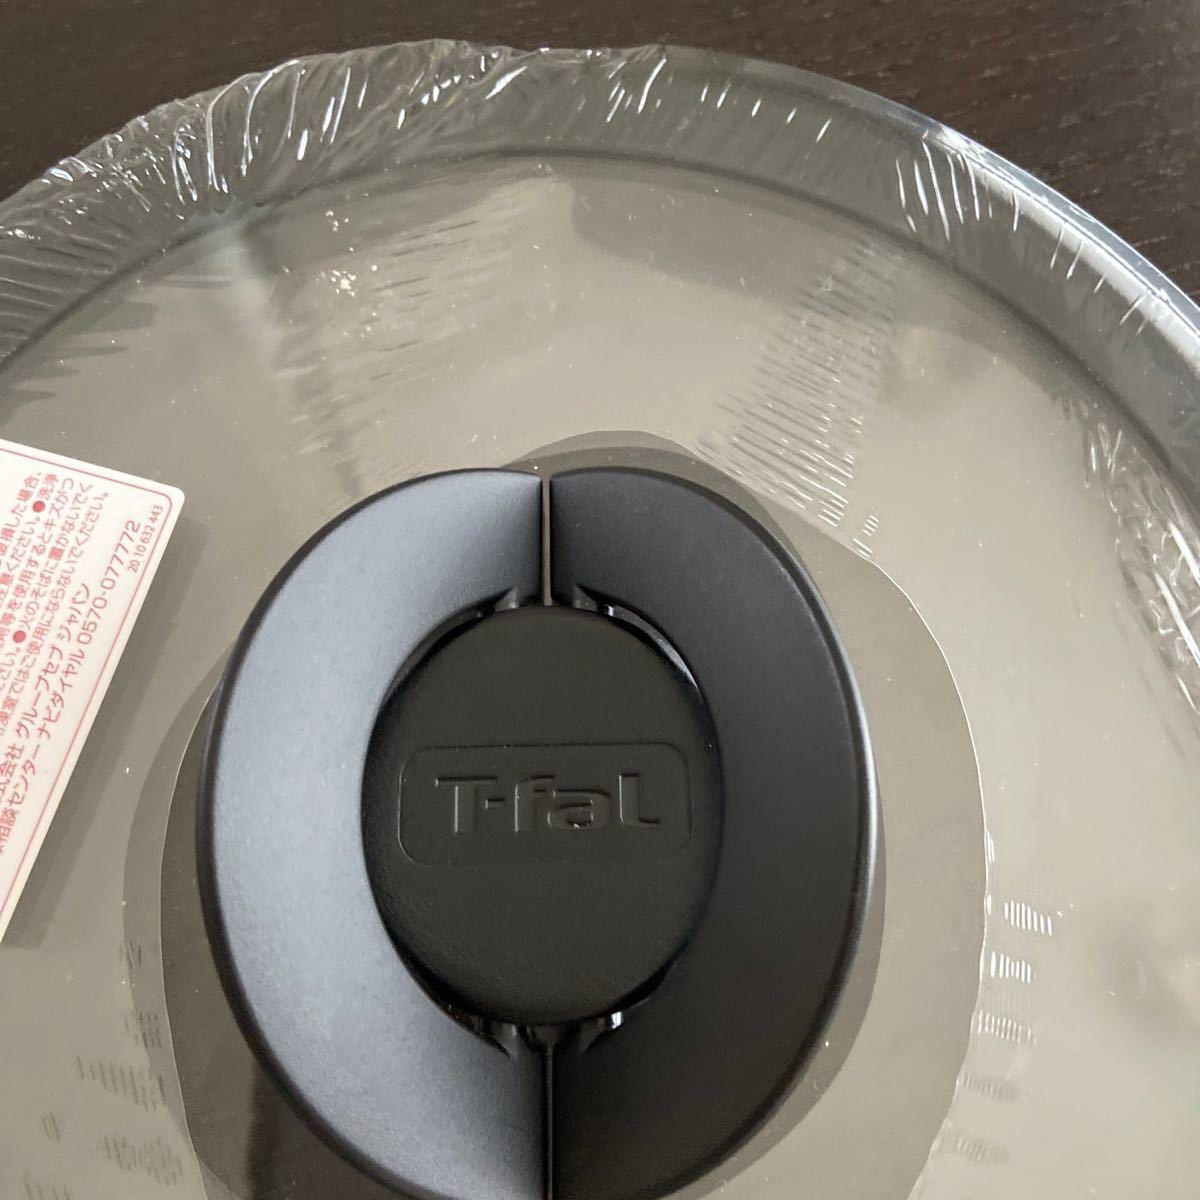 T-fal ティファール20cm蓋セット☆未使用☆